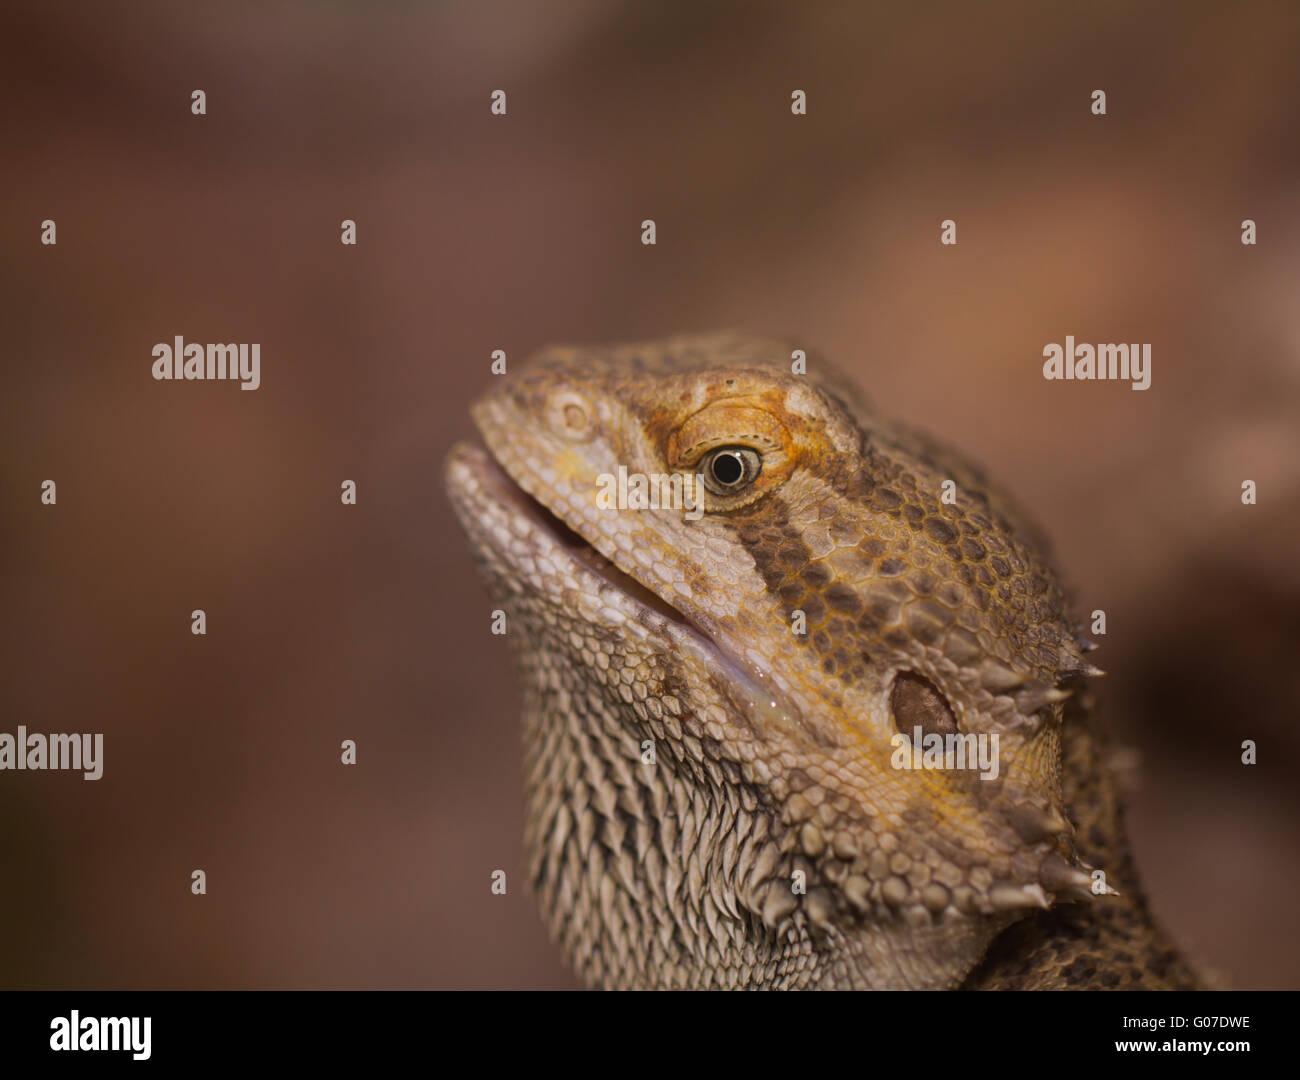 Close-up of Bearded dragons eye (Pogona vitticeps) - Stock Image